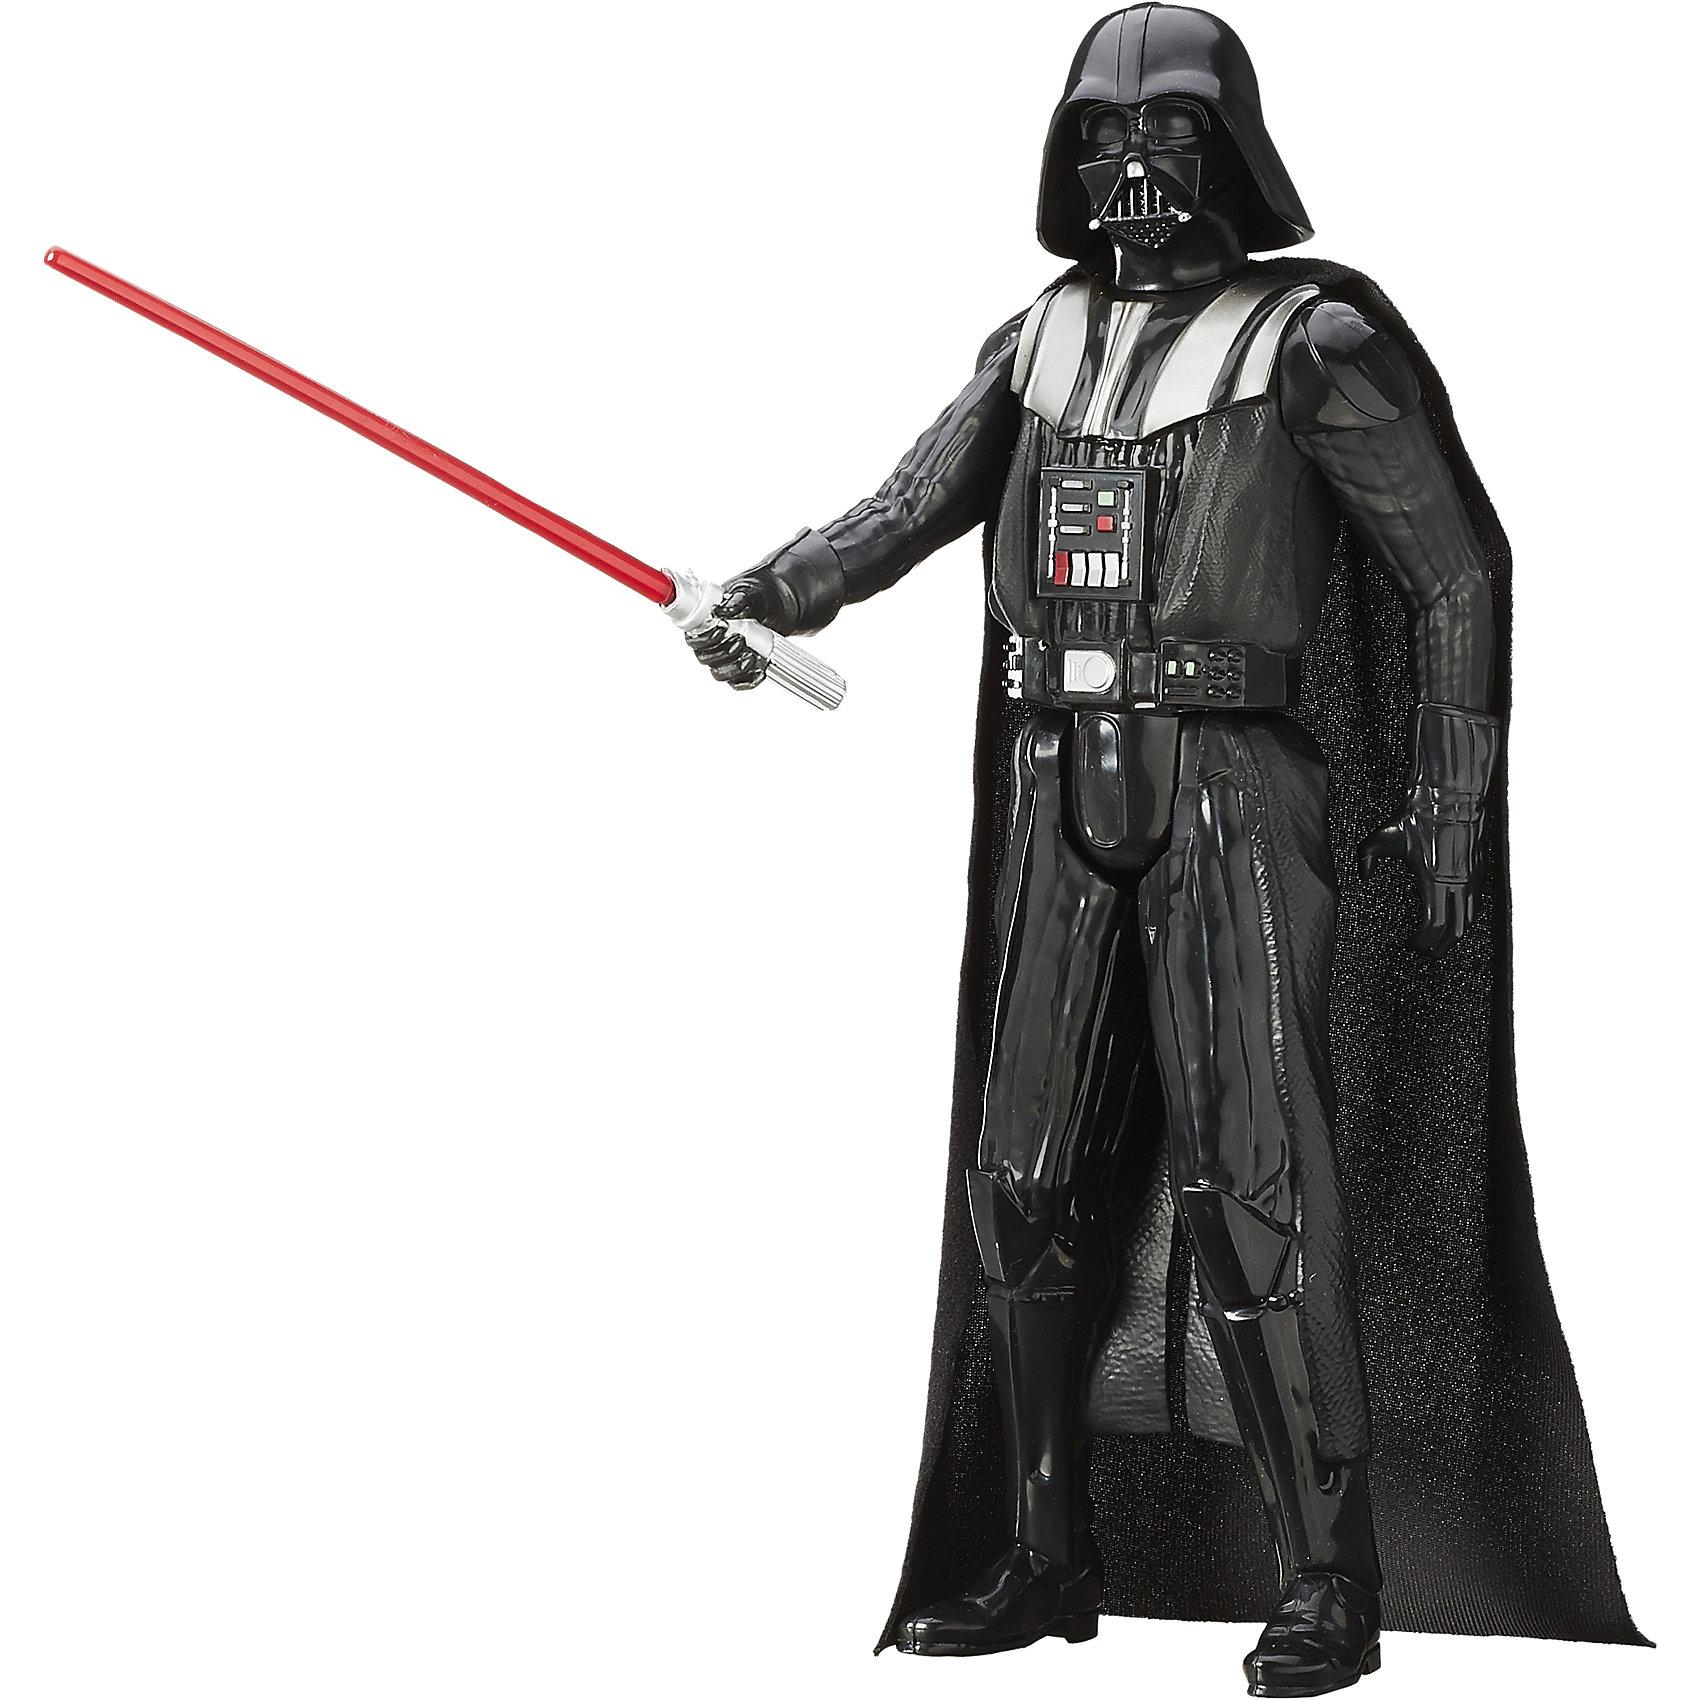 Титаны: Дарт Вейдер,  Звездные войныФигурка Титаны: Дарт Вейдер, Звездные войны (Star Wars), станет приятным сюрпризом для Вашего ребенка, особенно если он является поклонником популярной фантастической киносаги Star Wars. В комплект входит большая фигурка Дарта Вейдера, главного злодея вселенной Звездных войн. Фигурка выполнена с высокой степенью детализации и реалистичности и очень похожа на своего экранного персонажа. Вейдер одет в свой узнаваемый костюм с длинным плащом и шлем. У фигурки подвижные части тела, что позволяет придать ей разные позы. В комплект также входит оружие Дарта Вейдера - световой меч. Для всех поклонников Звездных войн фигурки данной серии составят замечательную коллекцию и дополнят игры новыми персонажами.<br><br>Дополнительная информация:<br><br>- В комплекте: 1 фигурка, 1 оружие.<br>- Материал: пластик.<br>- Высота фигурки: 30 см.<br>- Размер упаковки: 30,5 х 5 х 10 см.<br>- Вес: 0,3 кг. <br><br>Фигурку Титаны: Дарт Вейдер, Звездные войны (Star Wars), Hasbro, можно купить в нашем интернет-магазине.<br><br>Ширина мм: 309<br>Глубина мм: 106<br>Высота мм: 55<br>Вес г: 279<br>Возраст от месяцев: 48<br>Возраст до месяцев: 96<br>Пол: Мужской<br>Возраст: Детский<br>SKU: 4046739